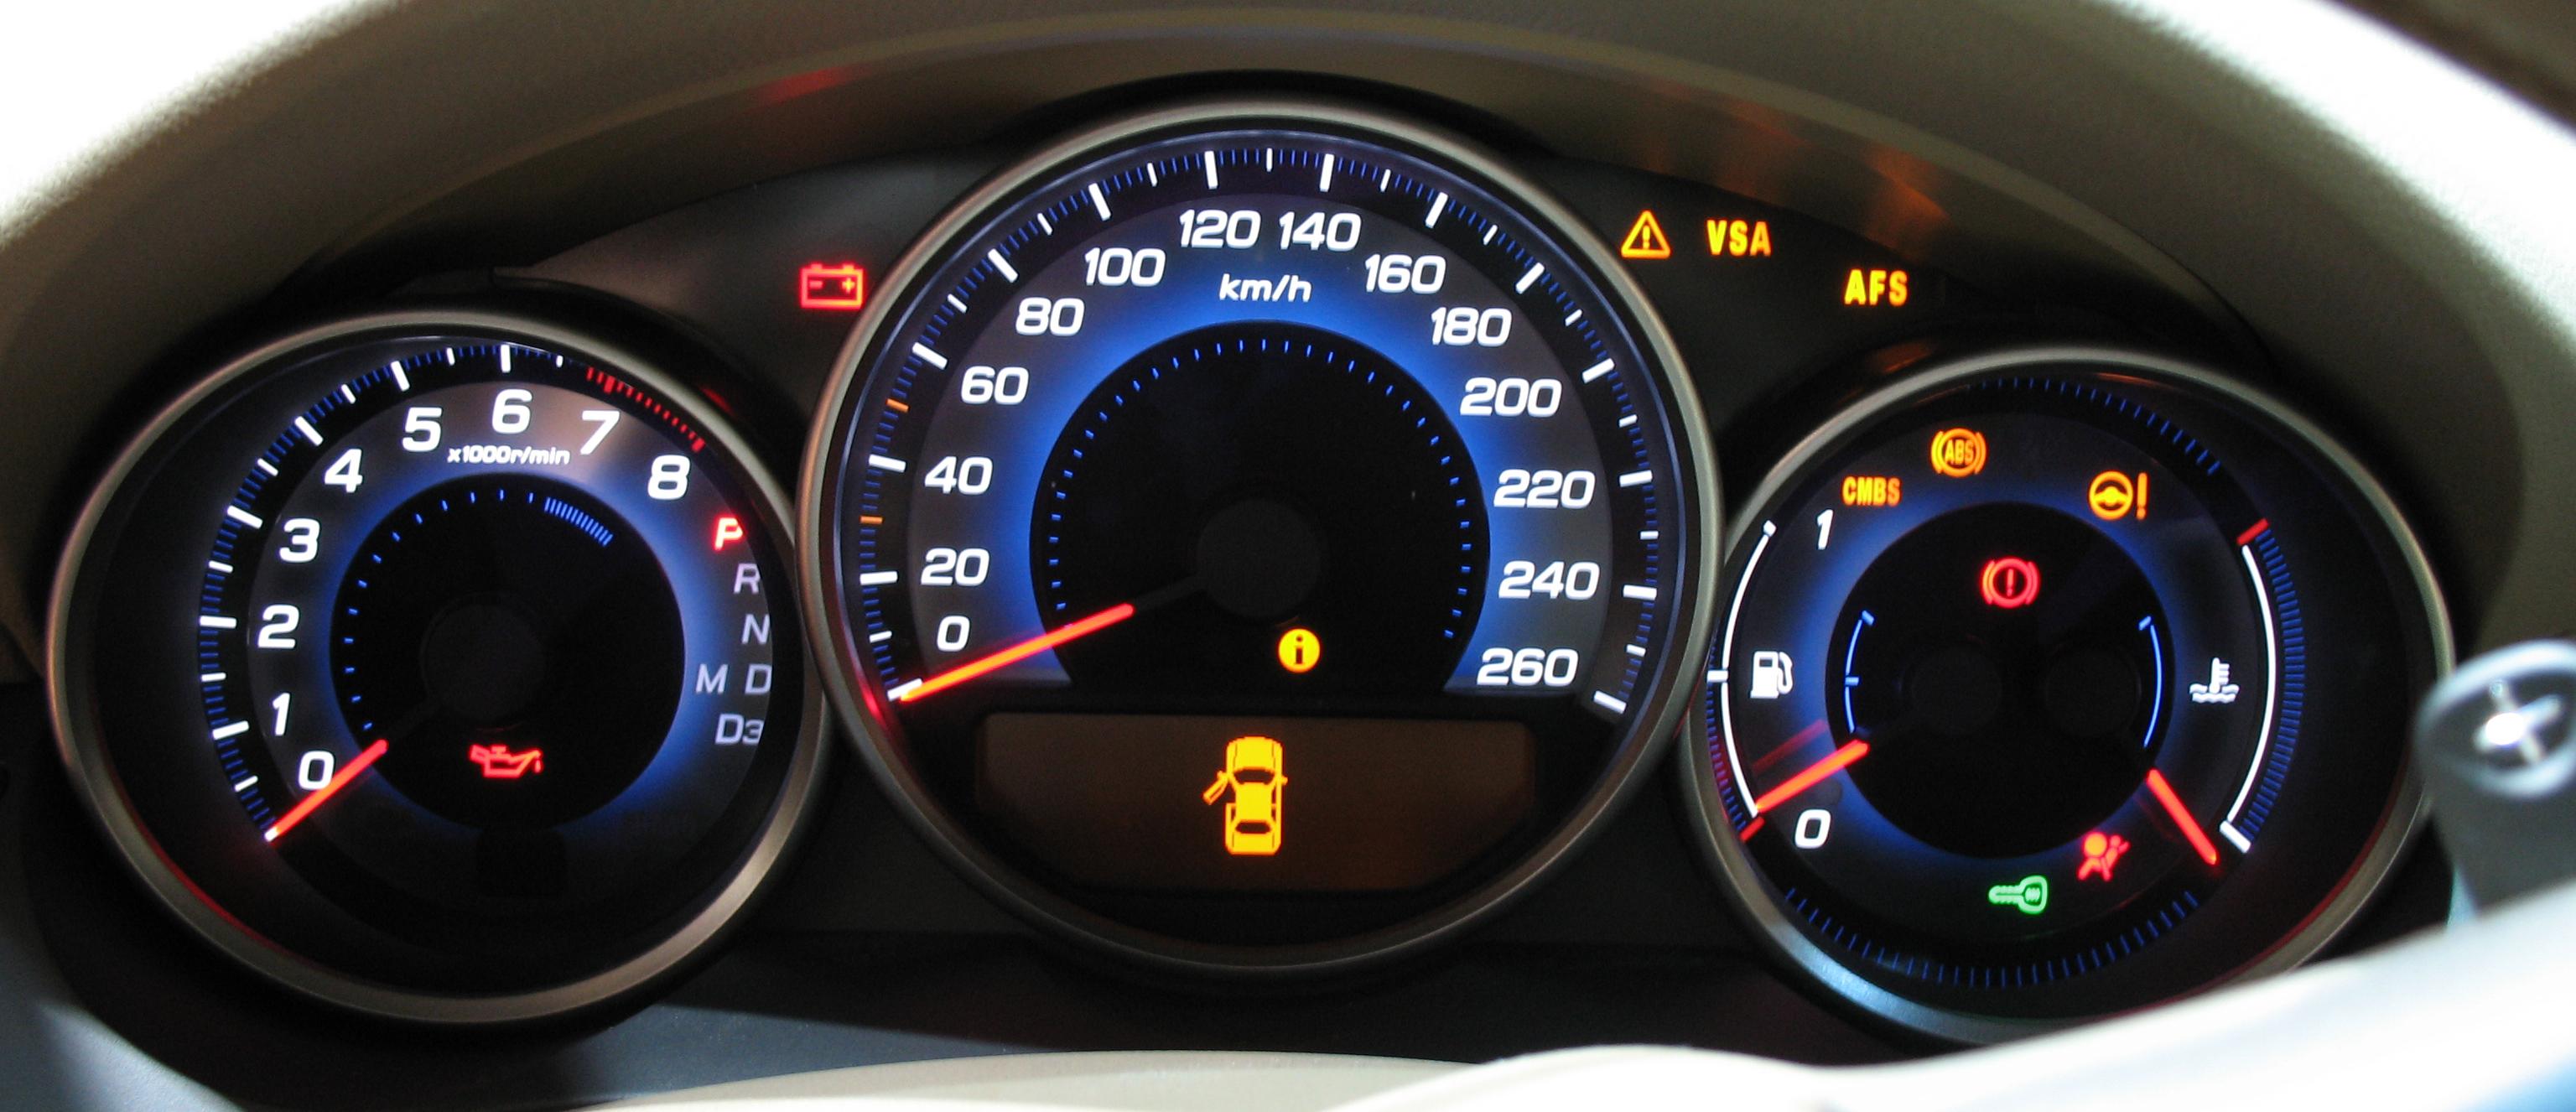 Função das principais luzes no painel do carro - Bompreço ...